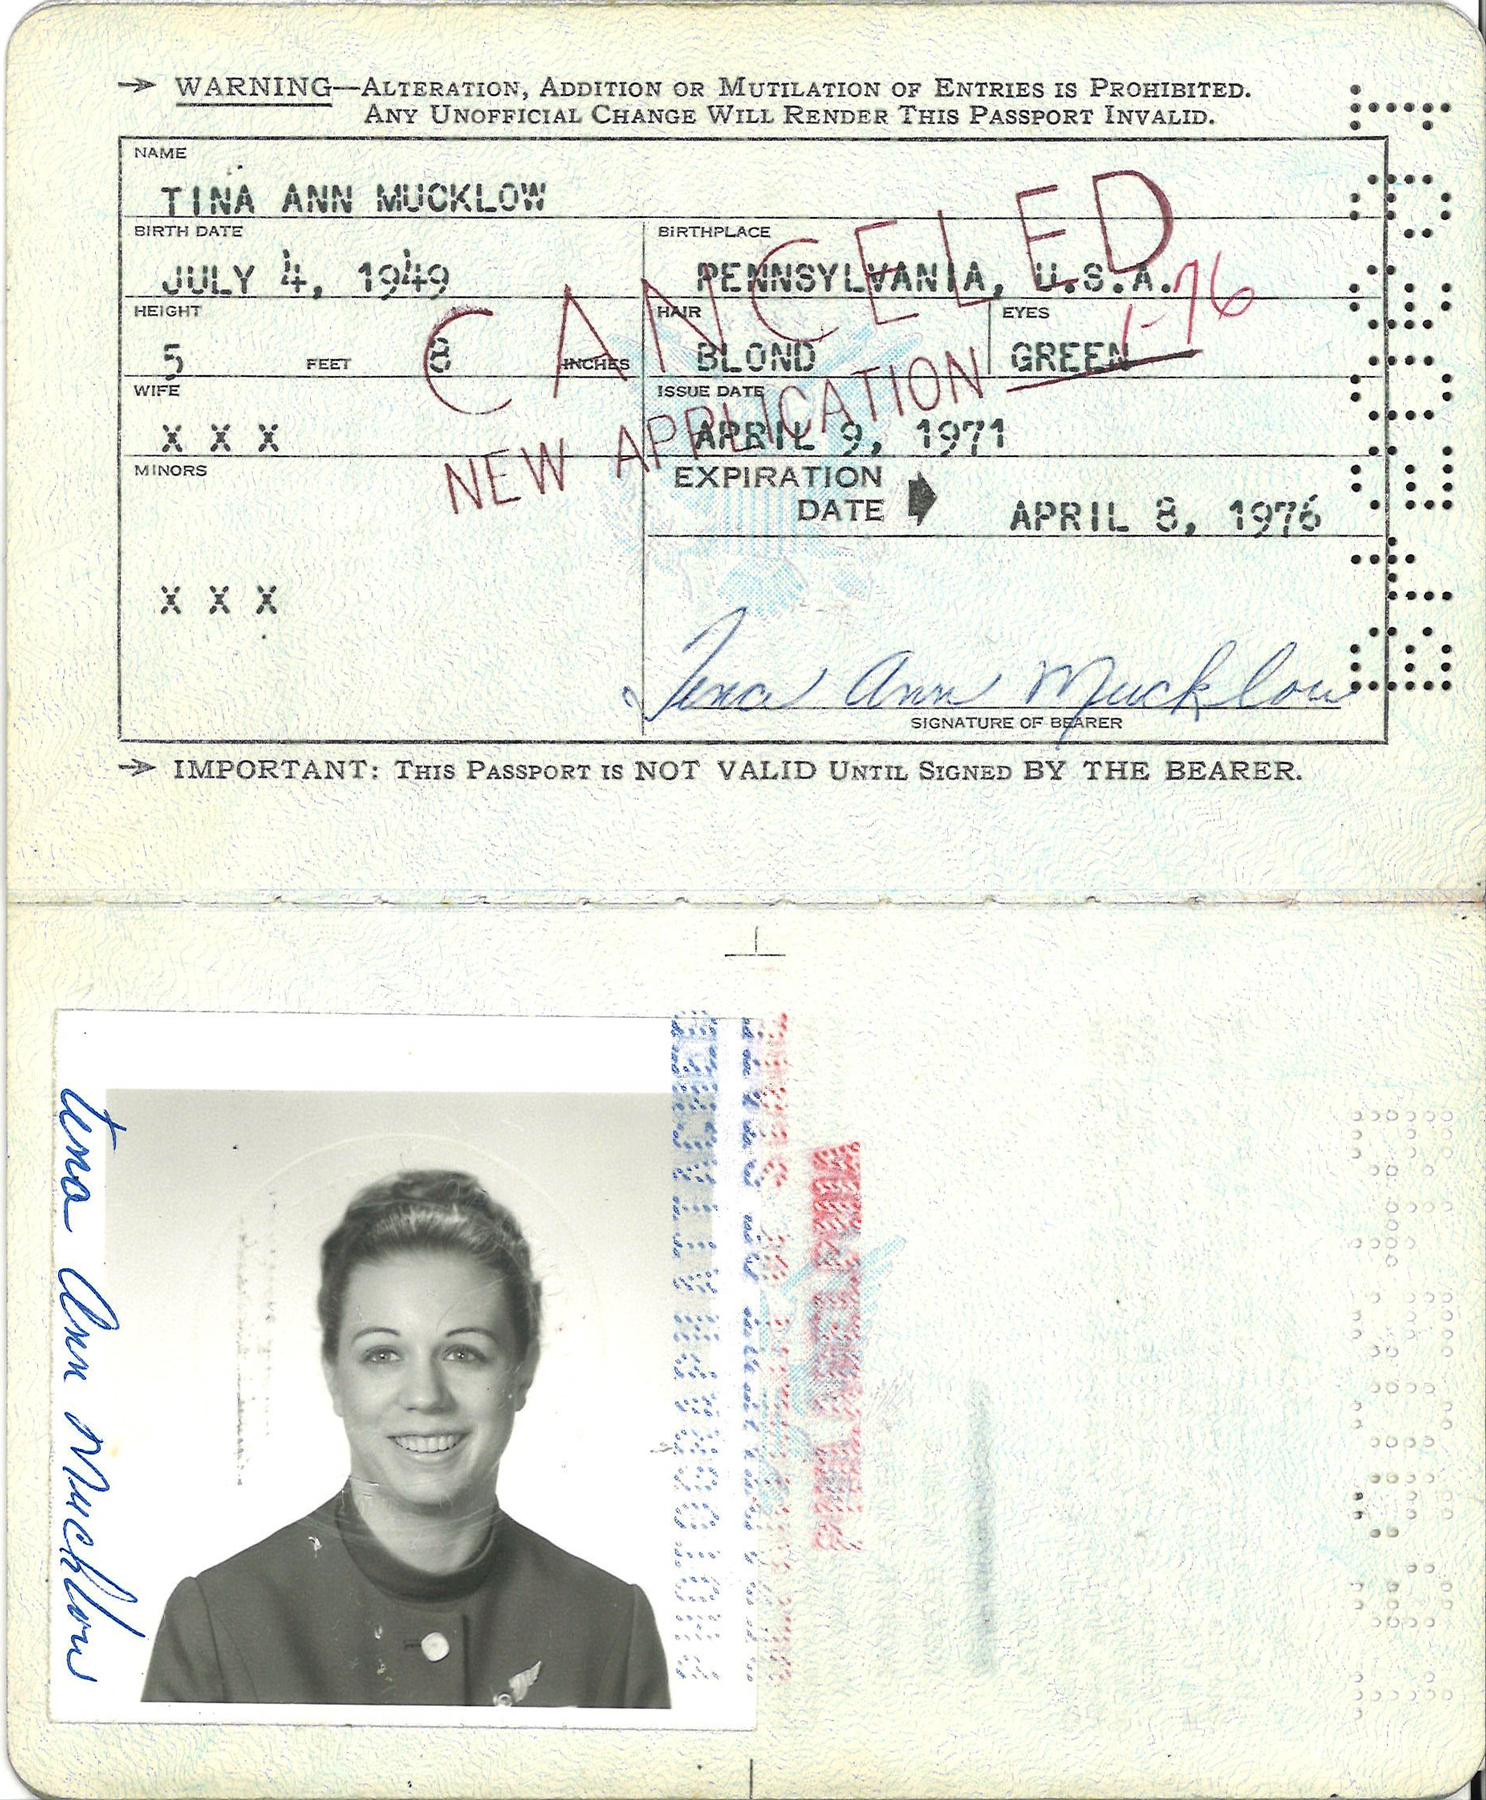 tina mucklow db cooper passport